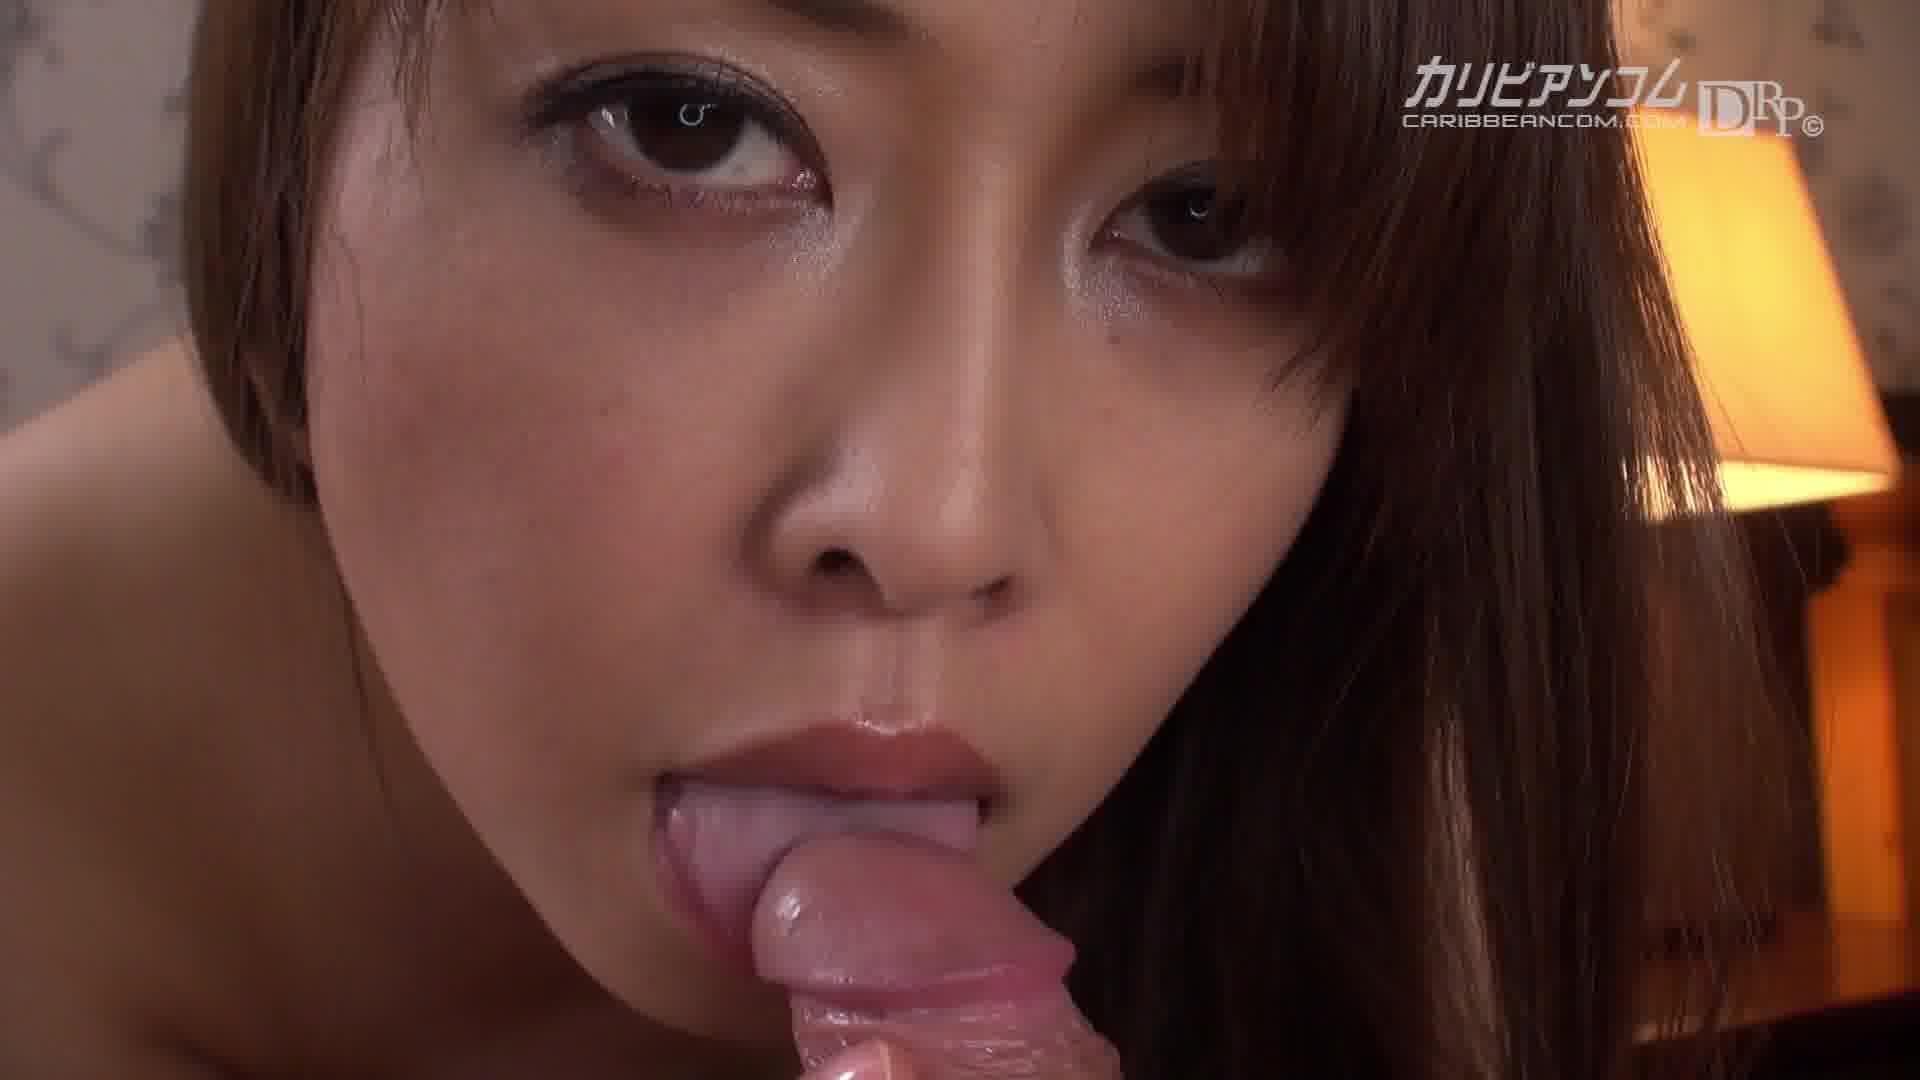 美人コンシェルジュの誘惑 - 立花紫保【痴女・オナニー・中出し】